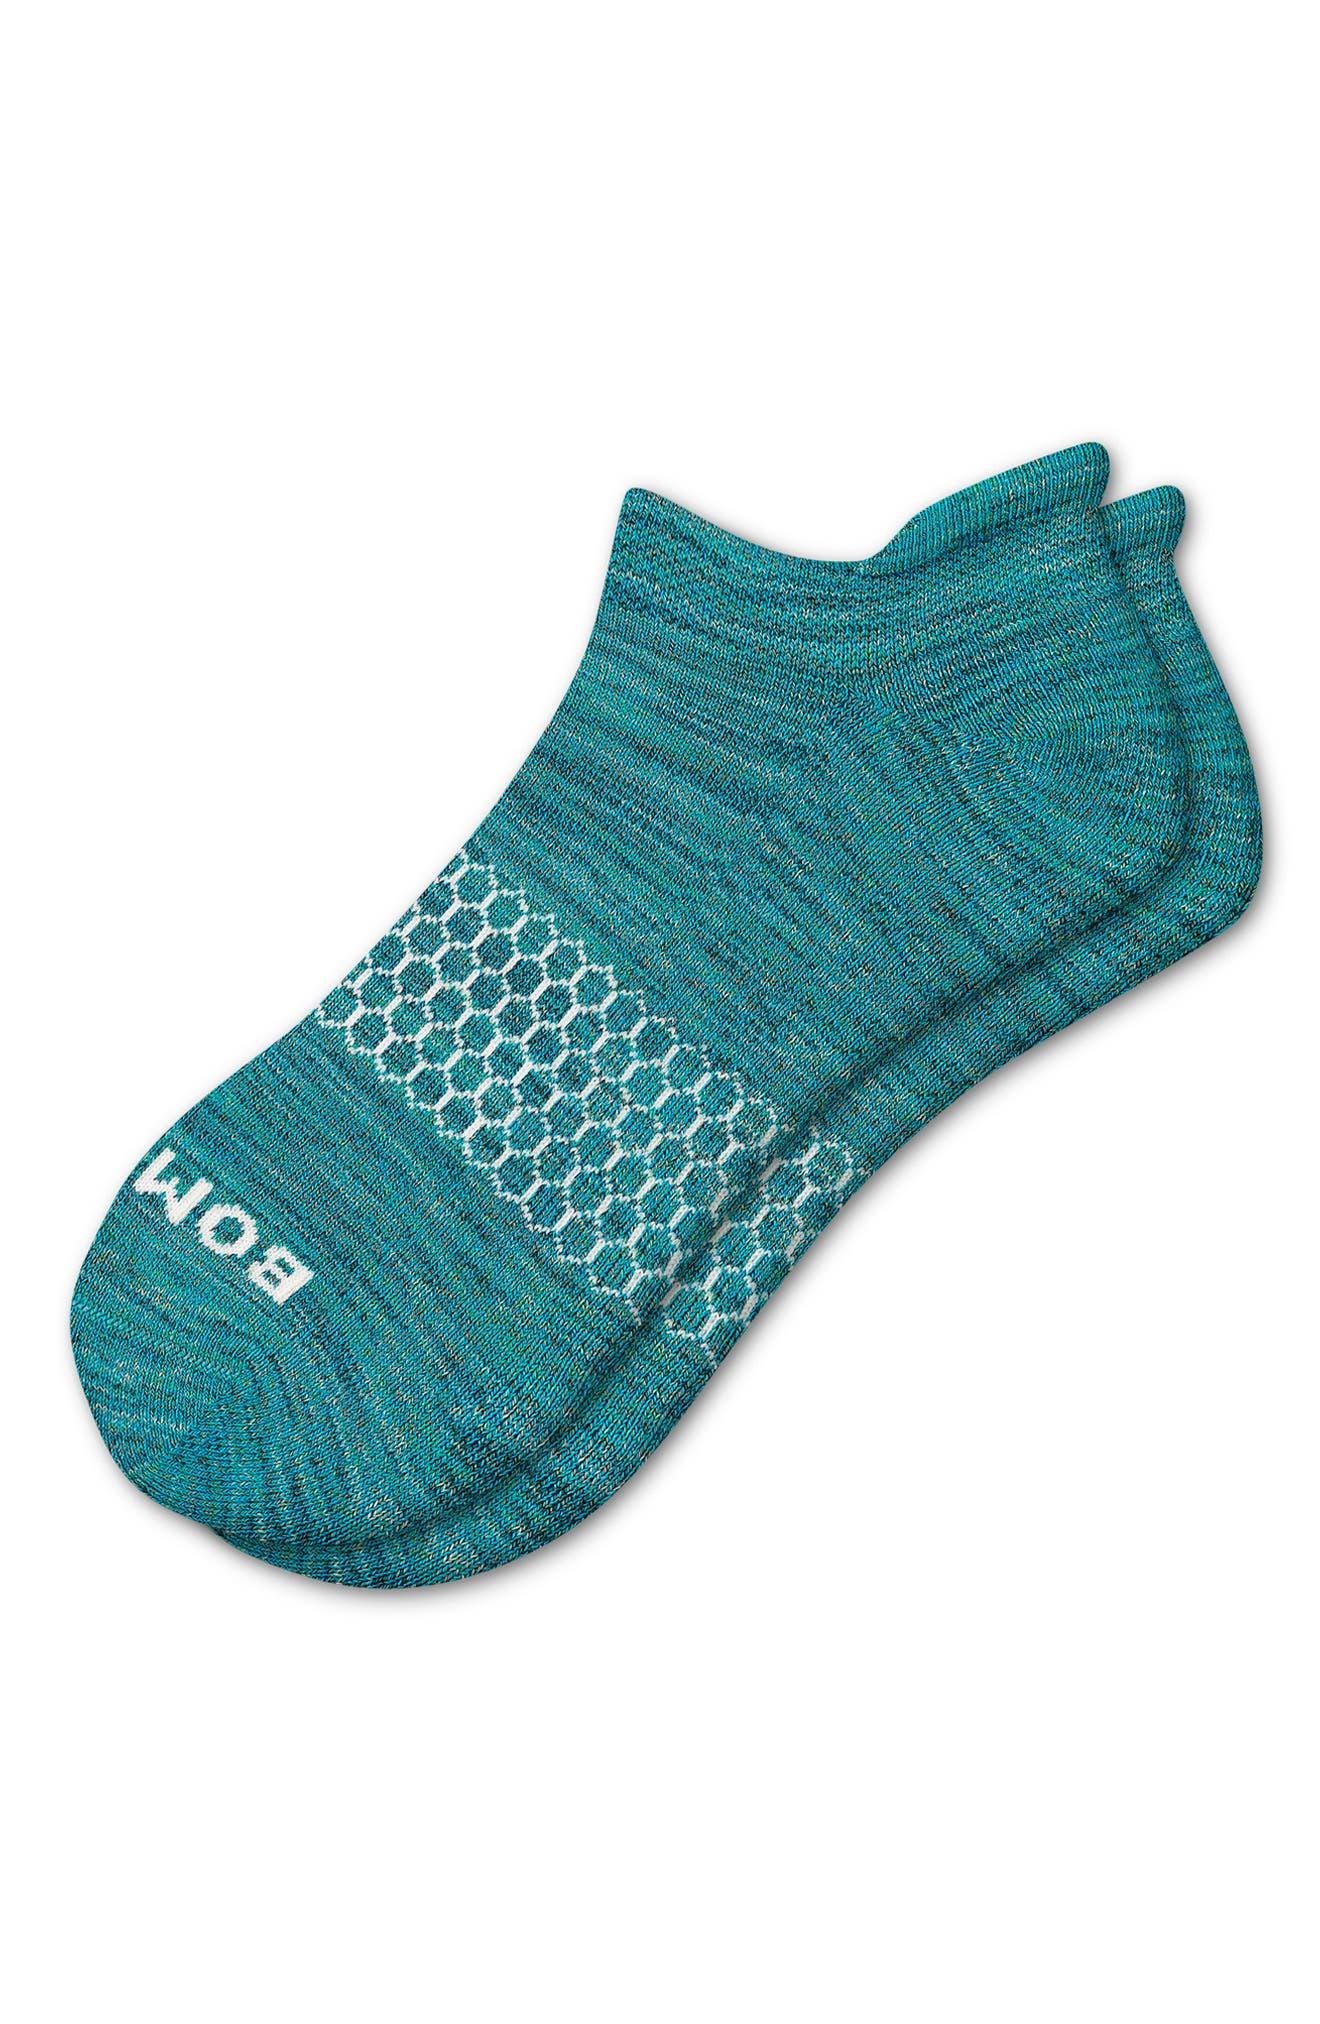 Space Dye Marled No-Show Socks